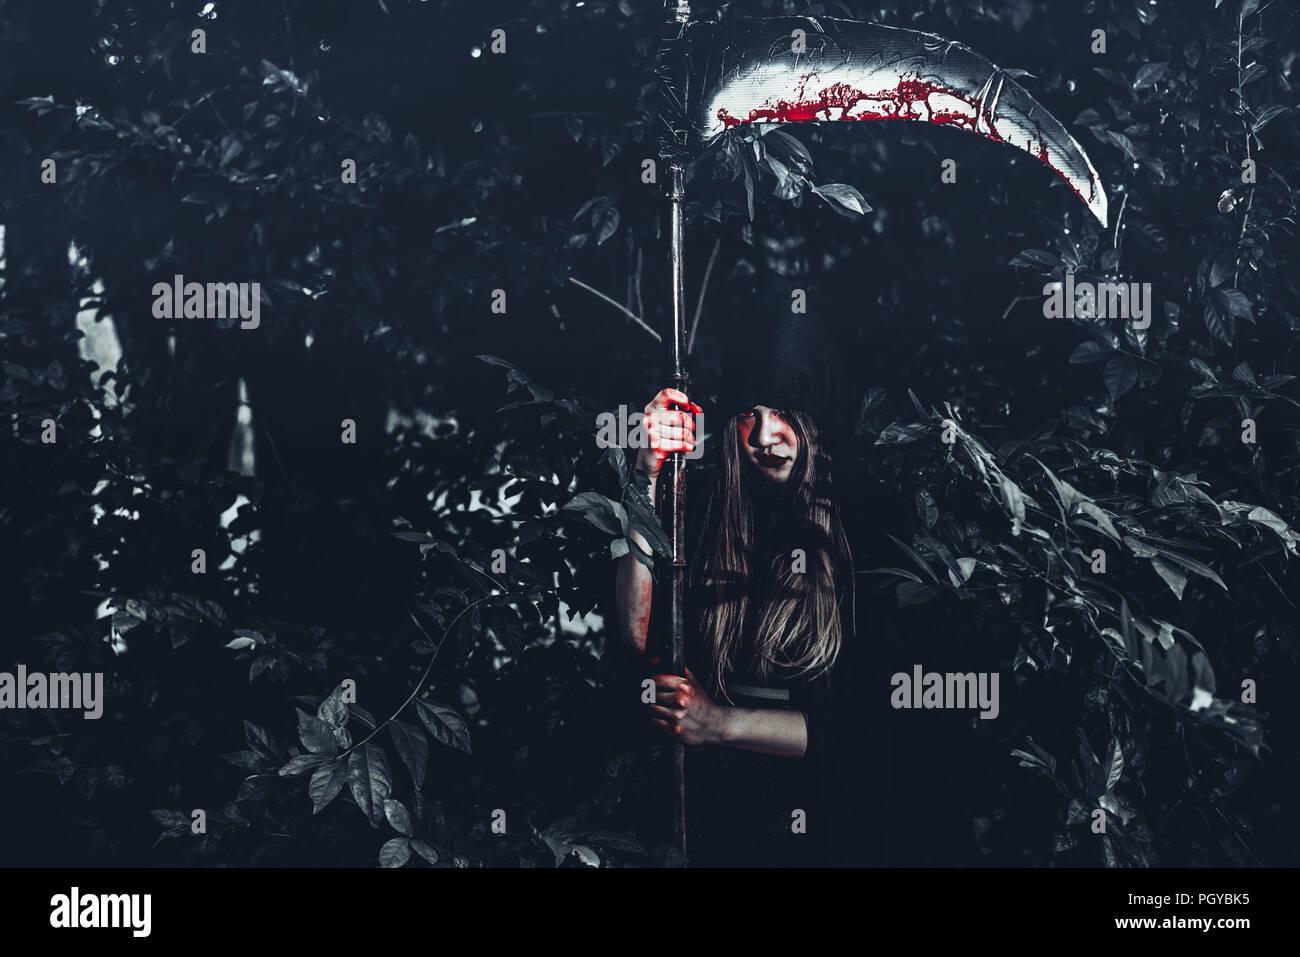 Weiblicher Dämon Hexe mit Bloody reaper stand vor der Geheimnis Wald Hintergrund. Halloween und religiöses Konzept. Daemon Engel und Satan Thema. Stockfoto